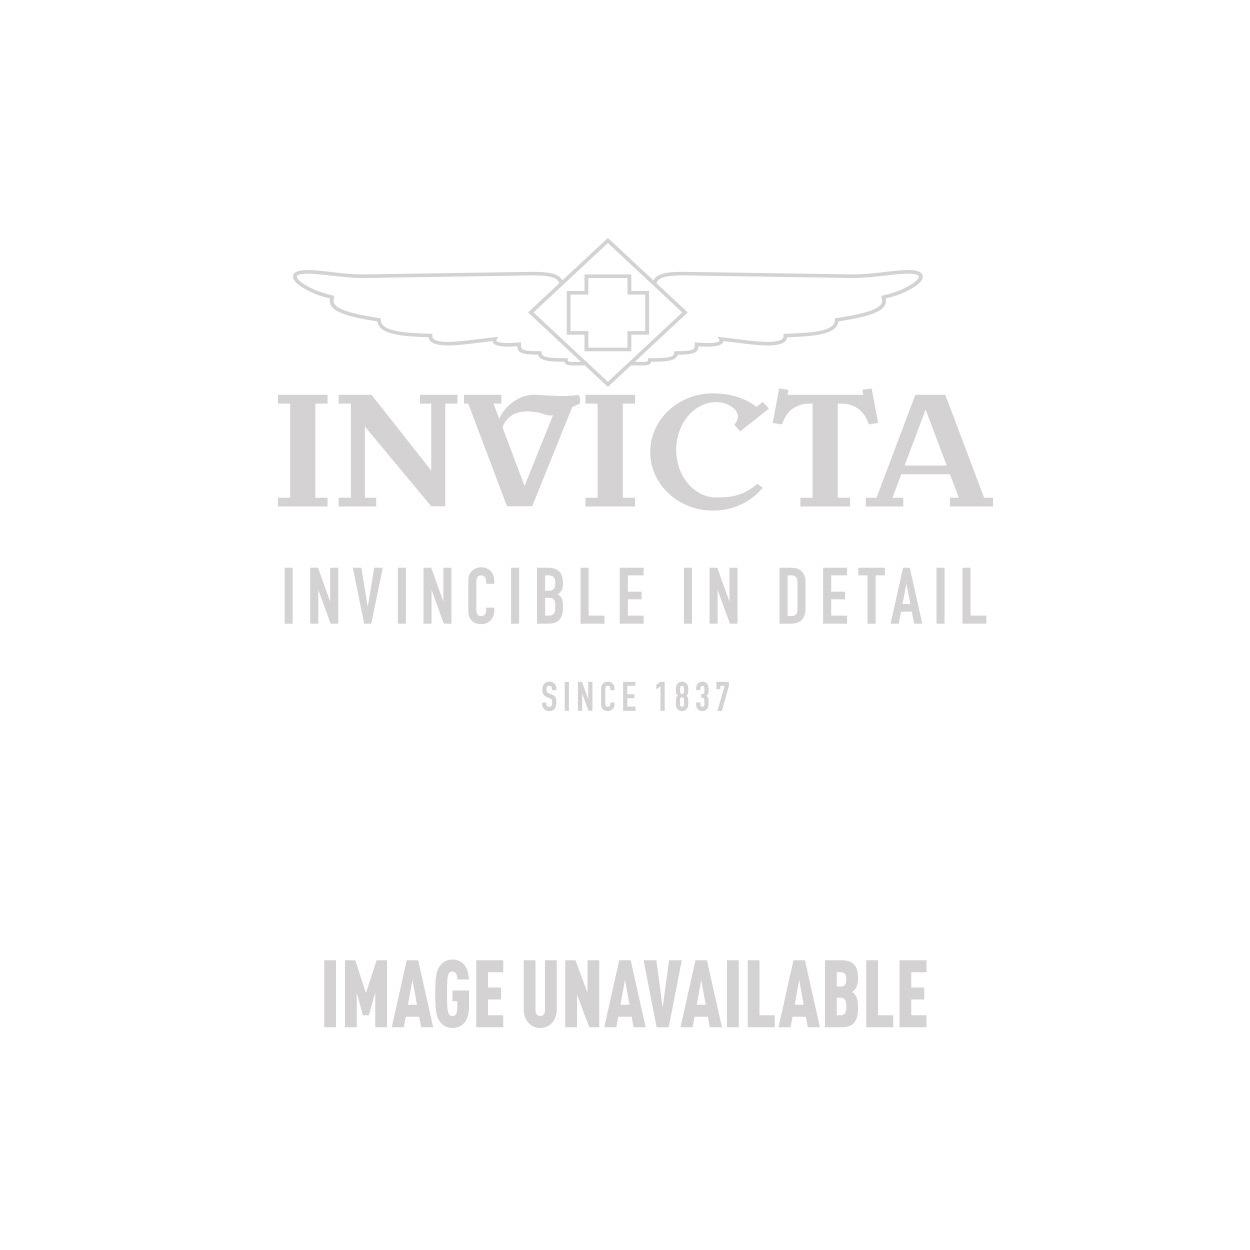 Invicta Model 28945